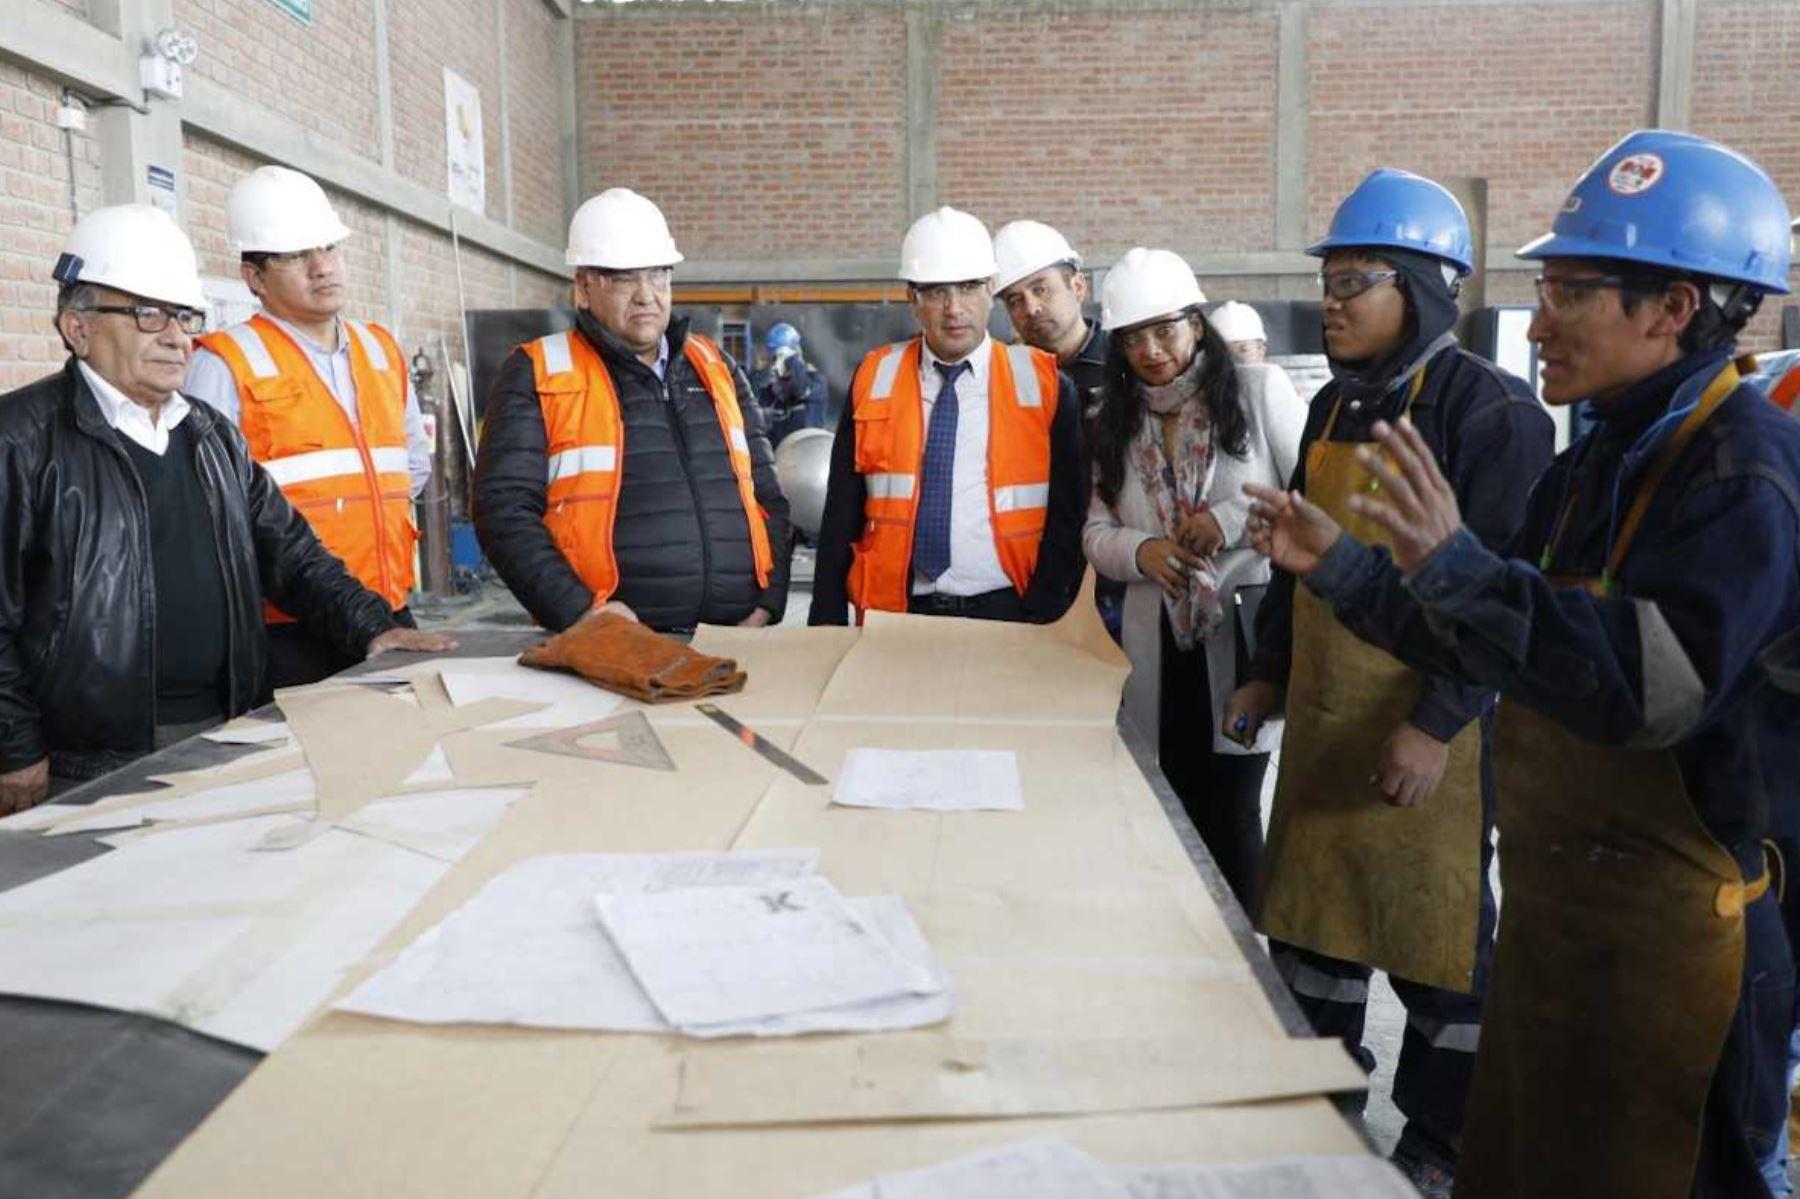 """En más de 40 millones de soles se incrementaron las ventas de las micro, pequeñas y medianas empresas (mipymes) que brindan servicios al sector minero en la región Cajamarca, gracias a la ejecución del proyecto """"Articulando proveedores locales de Yanacocha"""", cofinanciado y acompañado técnicamente por el Programa Innóvate Perú del Ministerio de la Producción."""